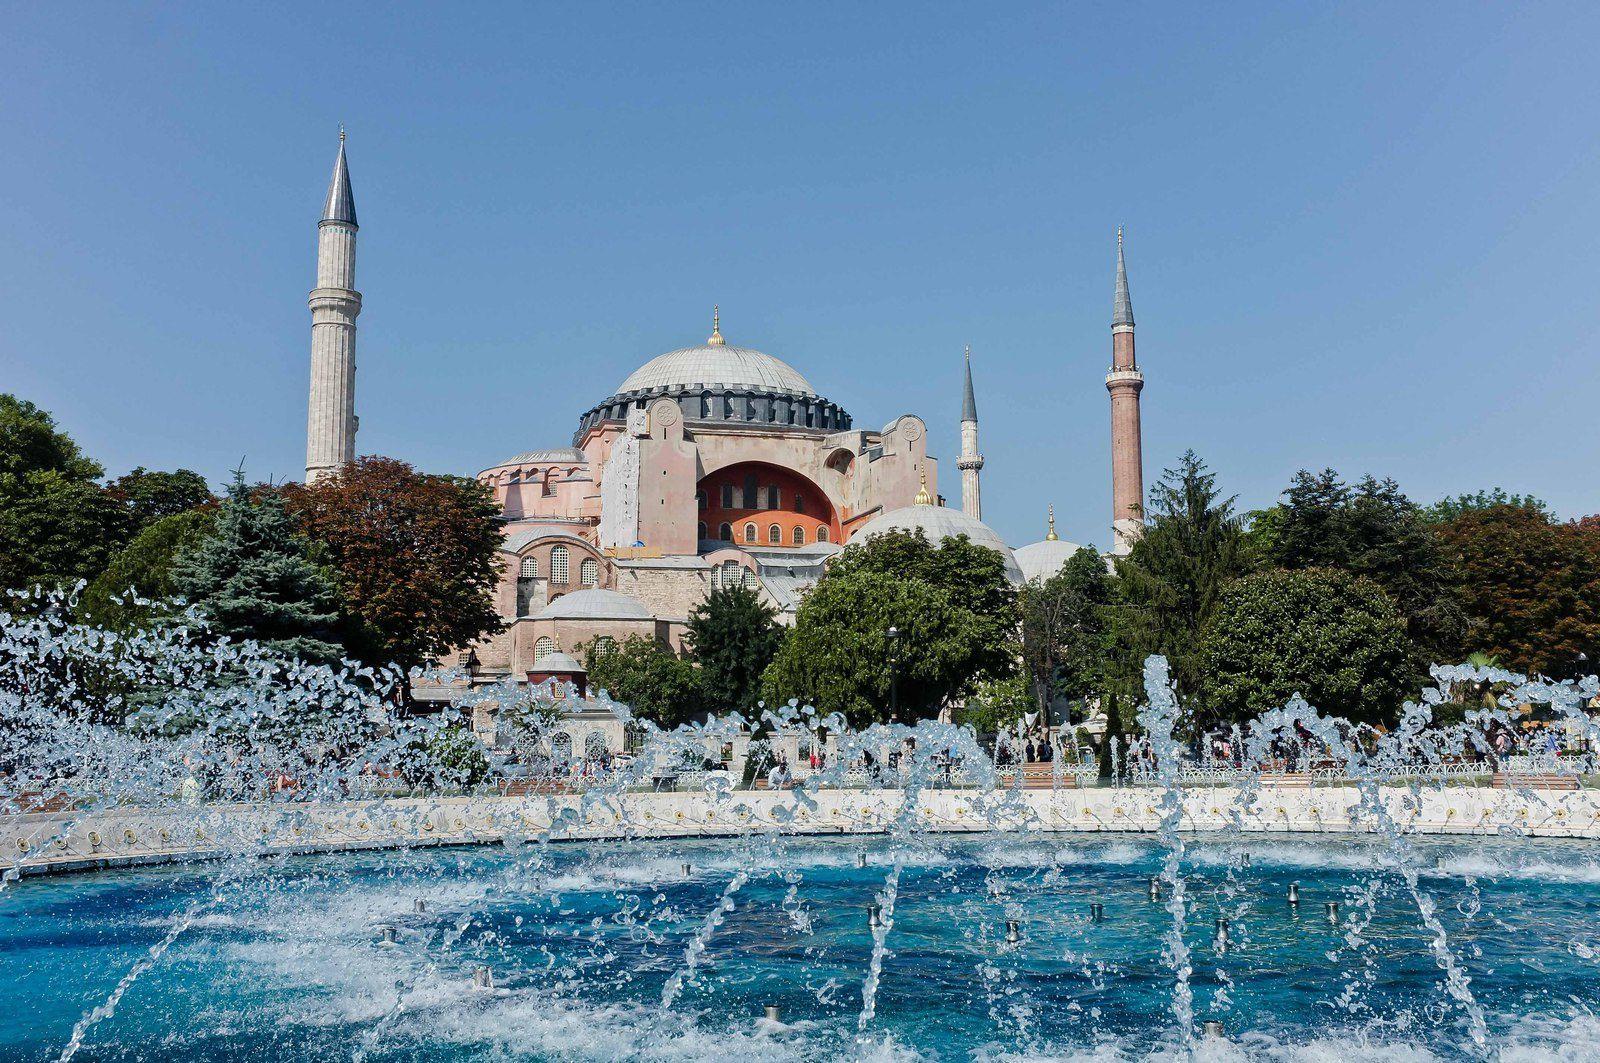 La grande mosquée bleue et la basilique Sainte Sophie